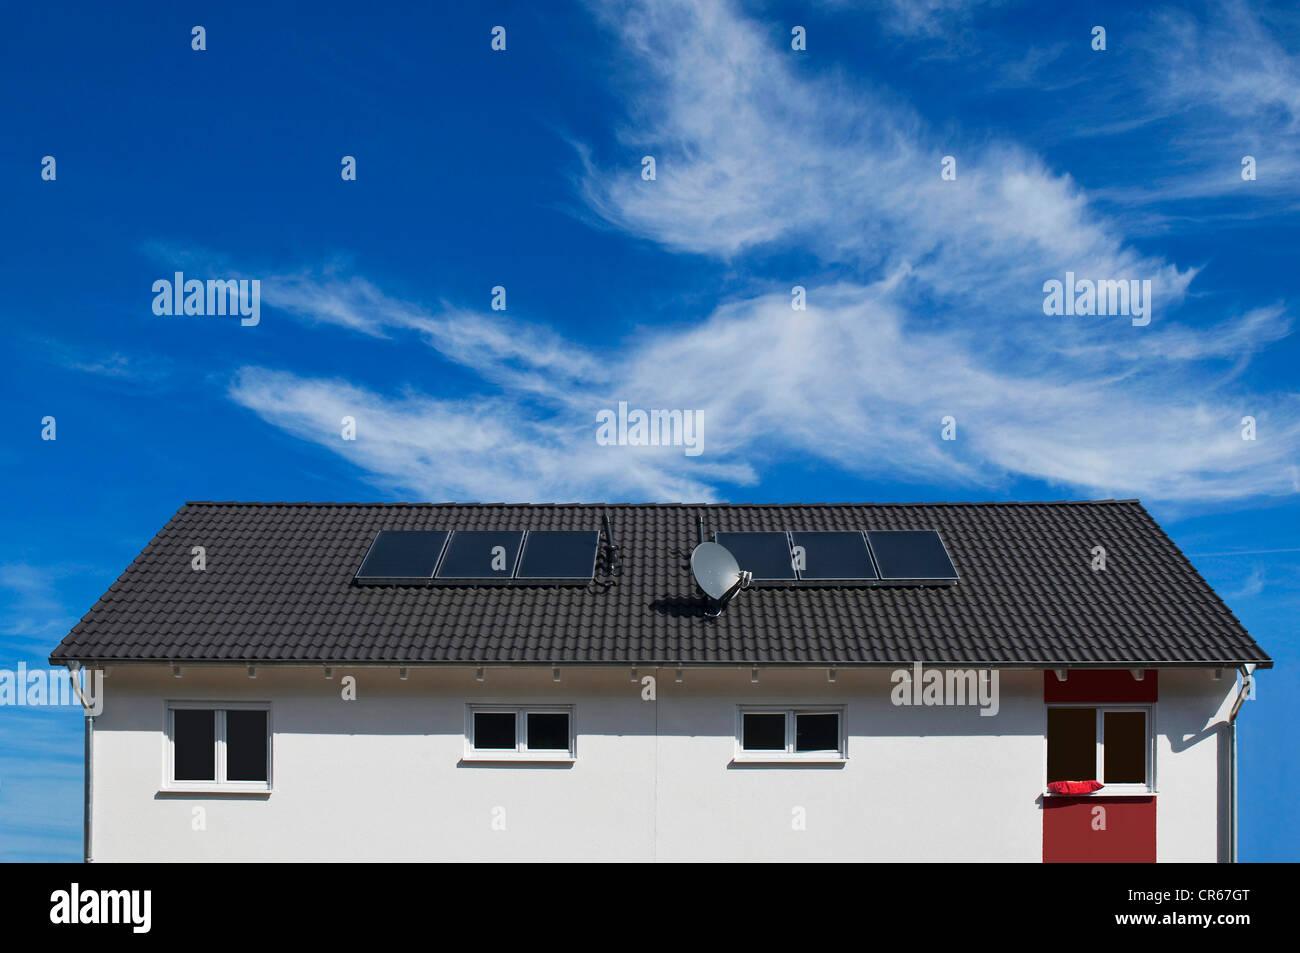 Edificio residenziale con pannelli solari per il riscaldamento di acqua sul tetto, il calore solare Rhein-Erft Kreis Immagini Stock